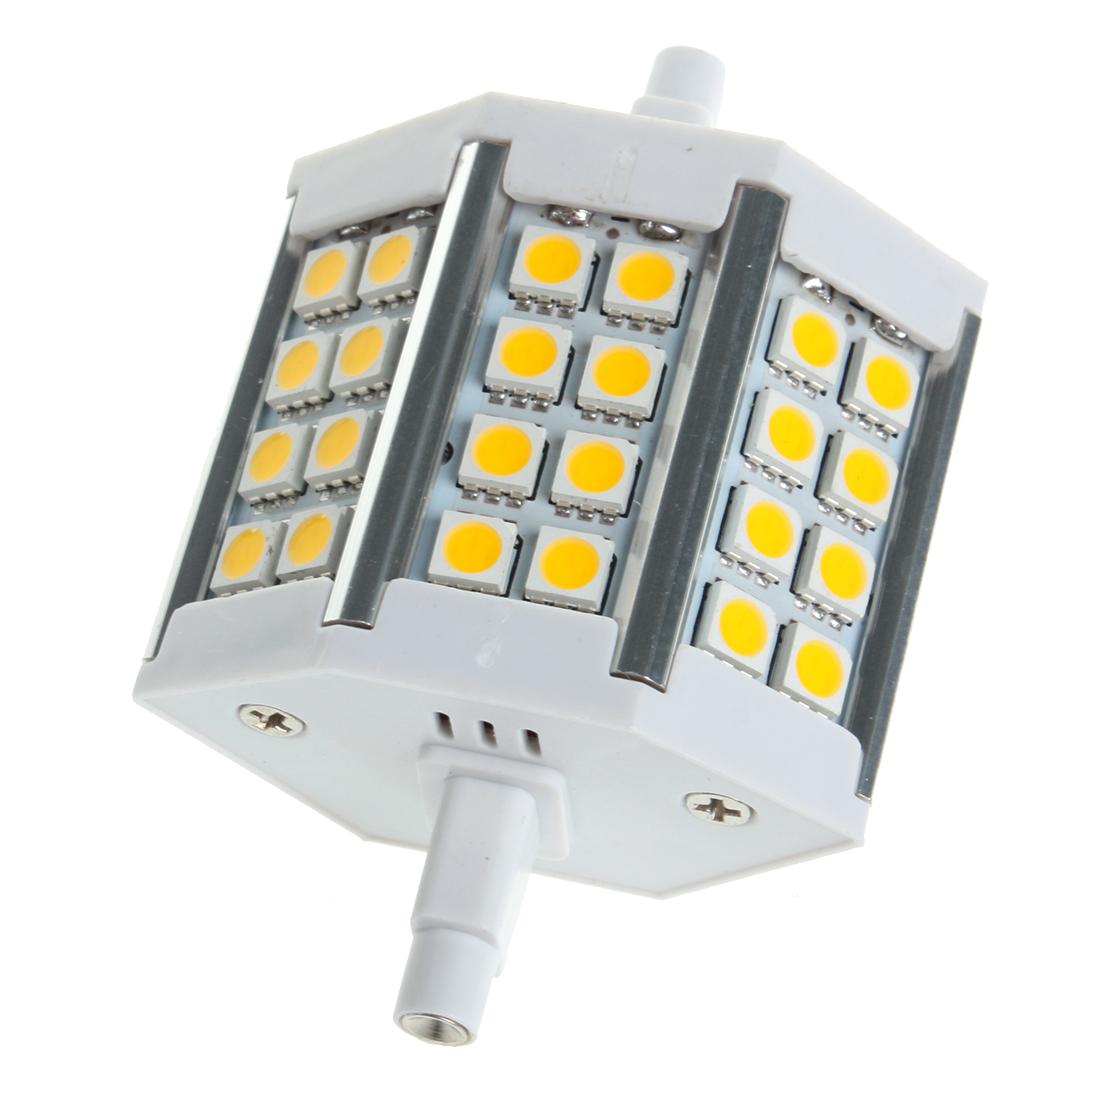 5730 5630 4014 r7s led 78 118 189 5 10 15w leuchtmittel fluter lampe halogenstab ebay. Black Bedroom Furniture Sets. Home Design Ideas